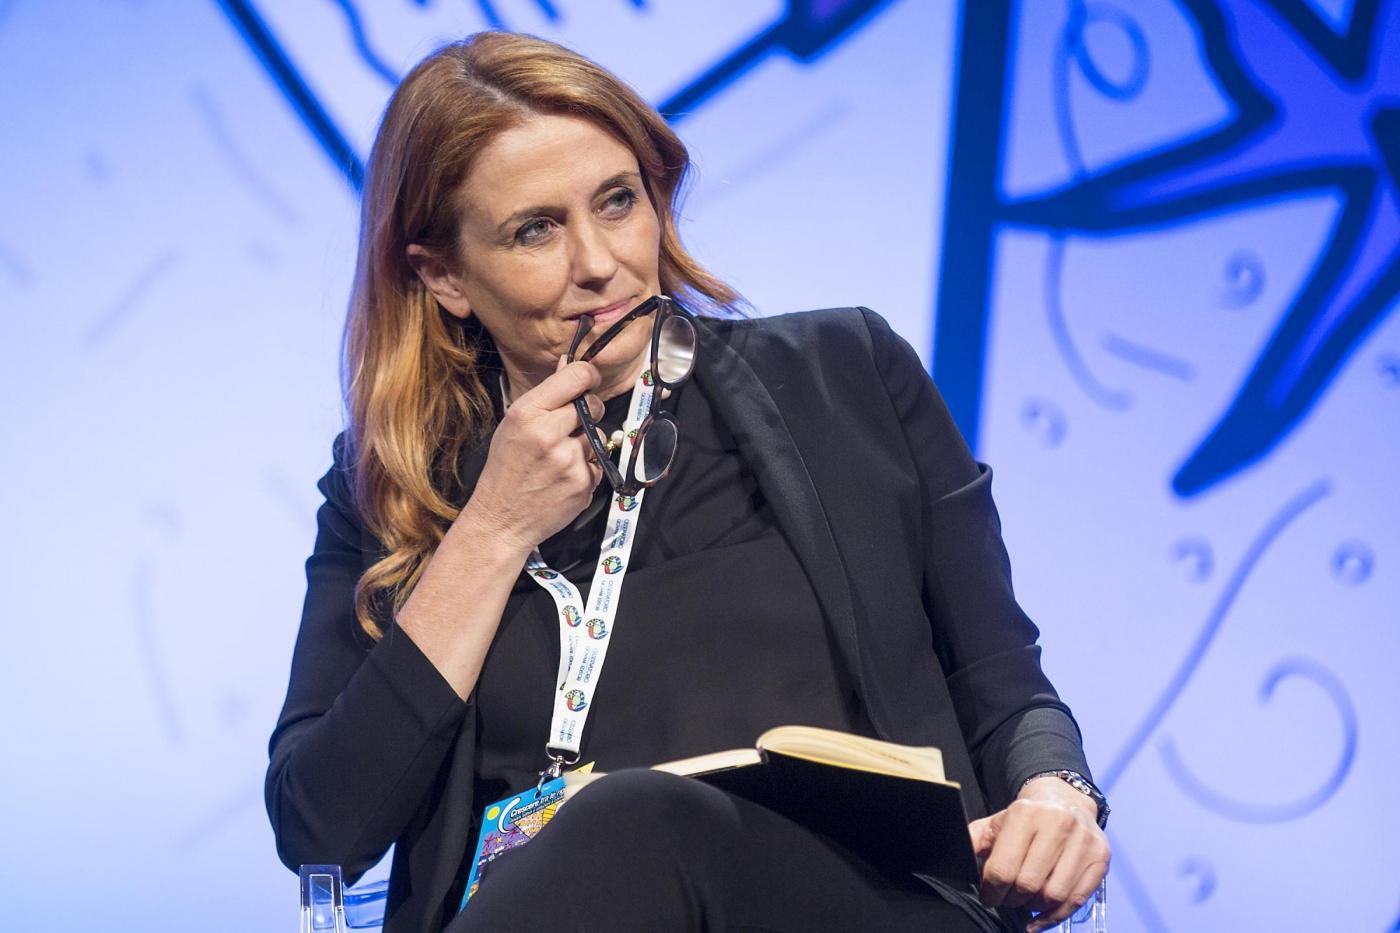 Chi è Monica Maggioni, nuovo presidente Rai